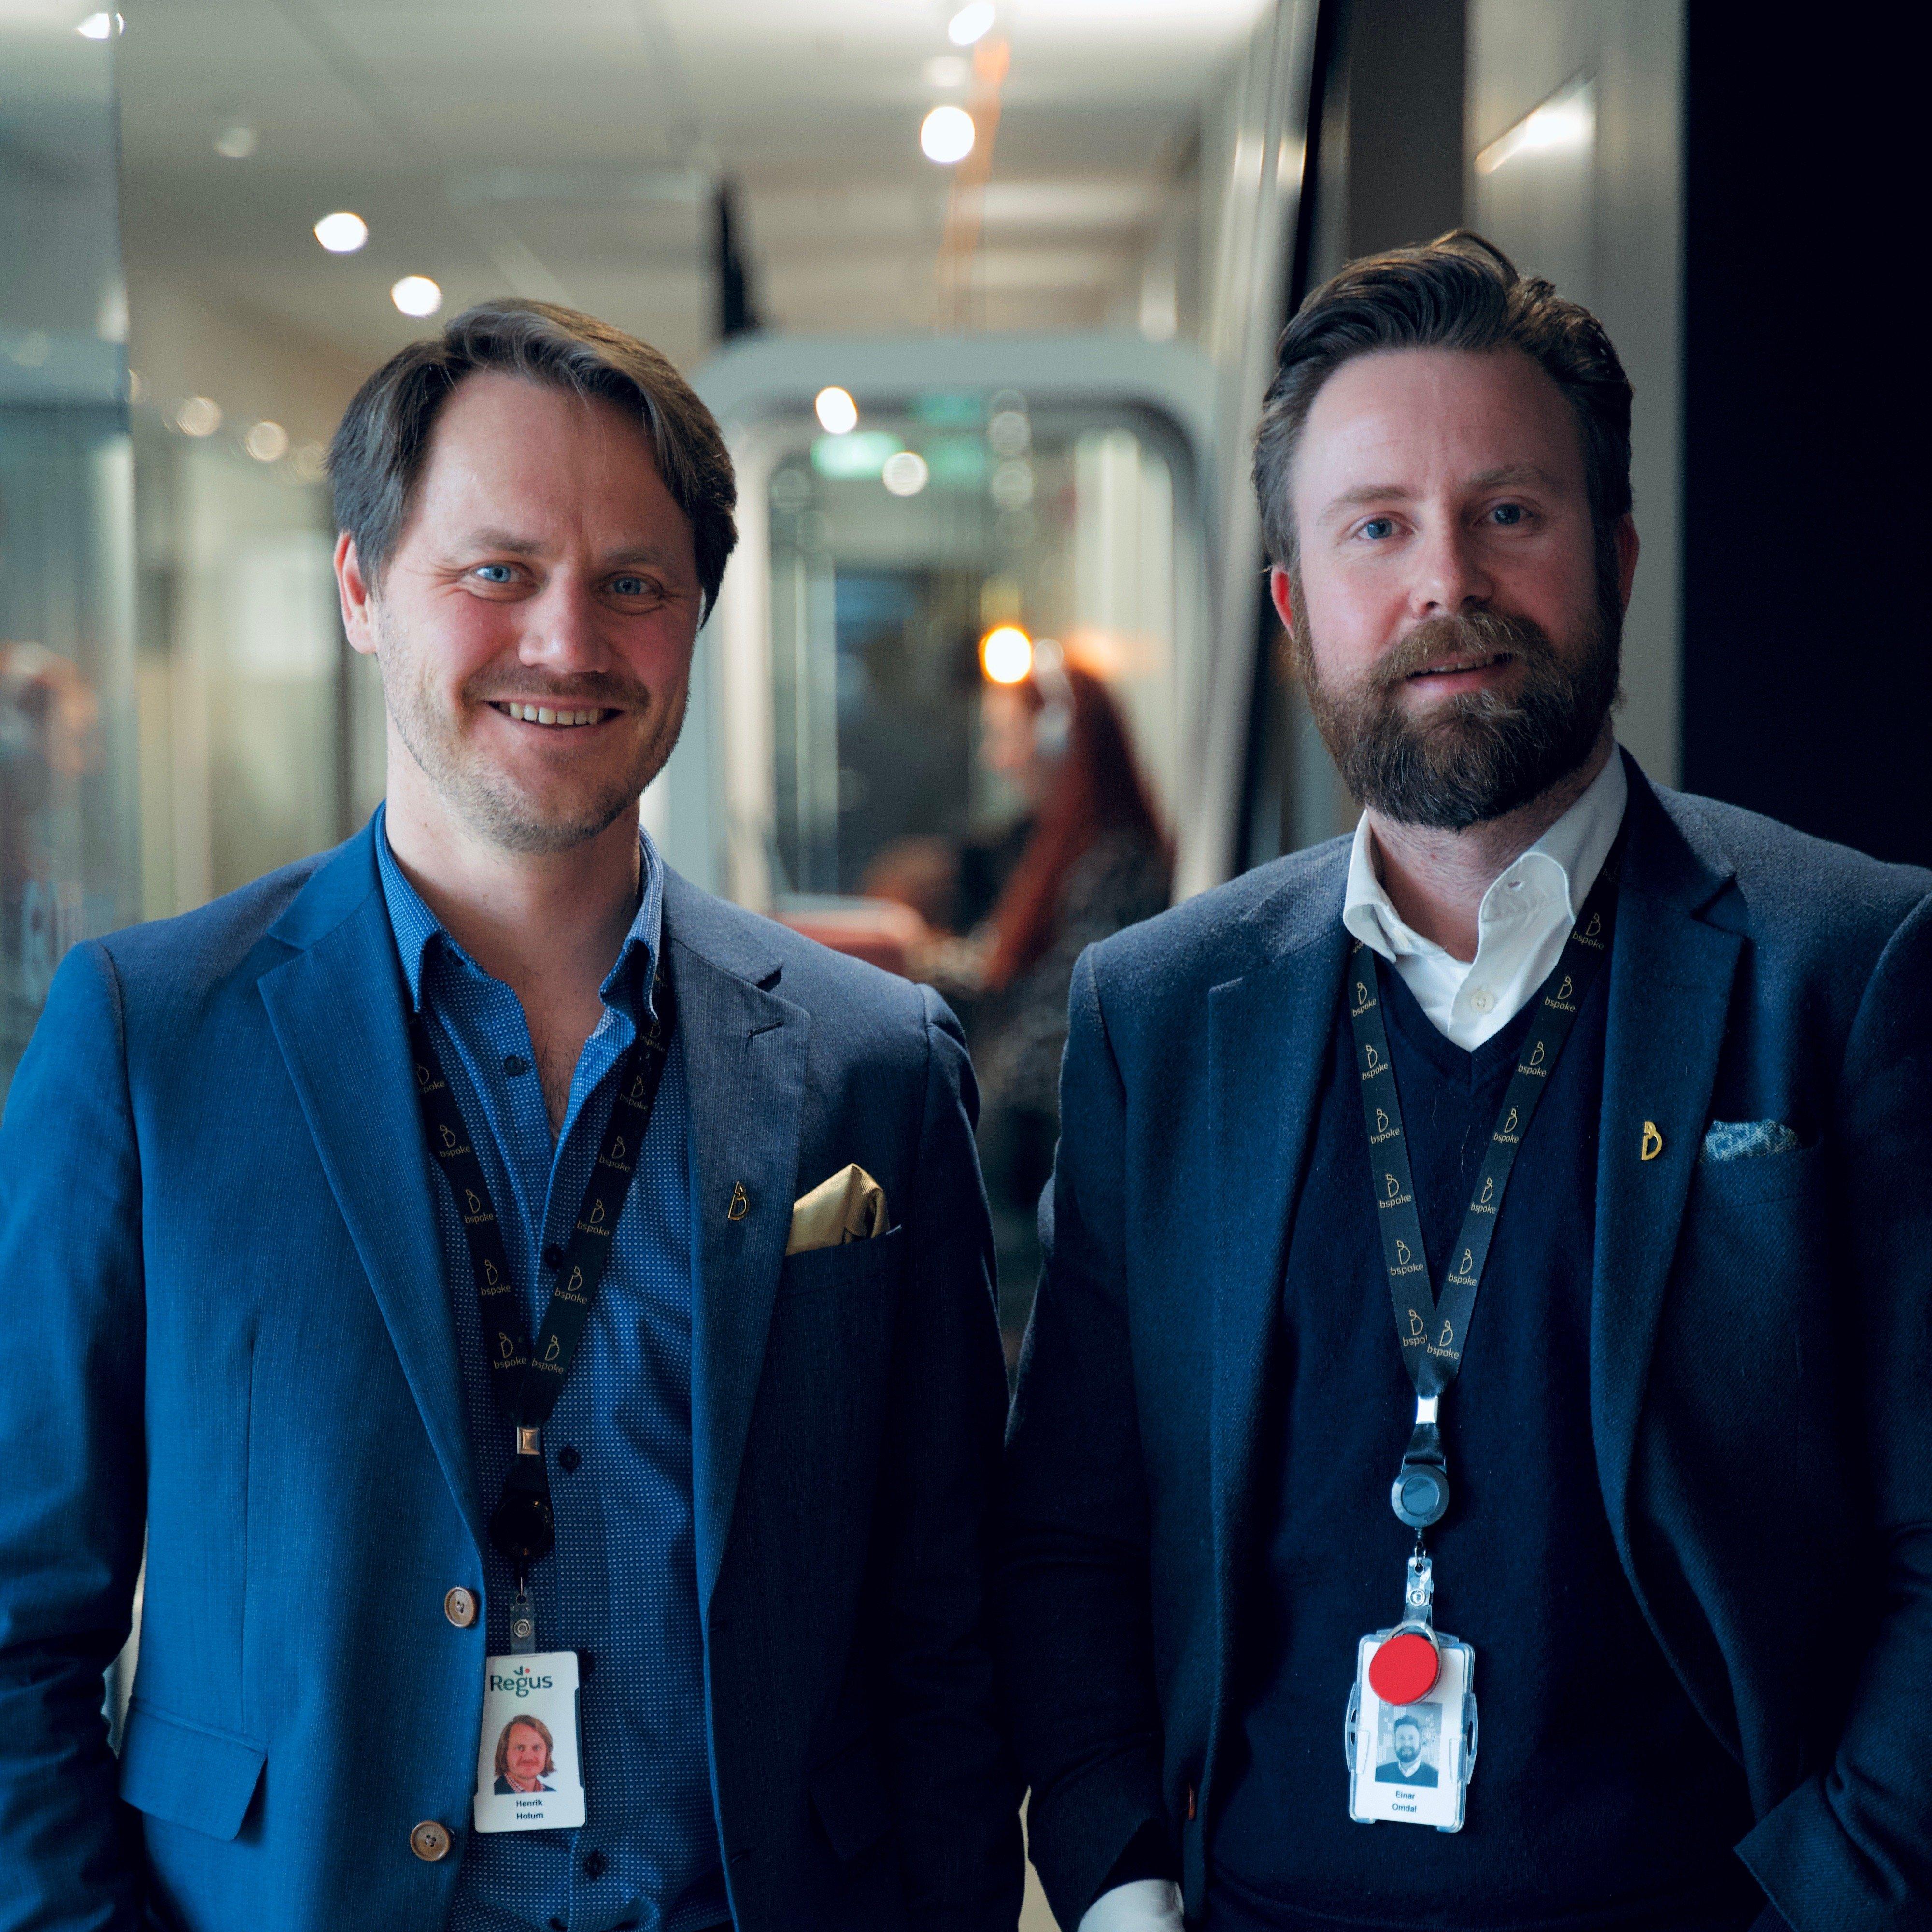 Henrik Holum (daglig leder) og Einar Omdal (COO) brenner for å bygge en arbeidsplass med de ansatte i sentrum. De mener dette på sikt også vil være positivt for kundene.